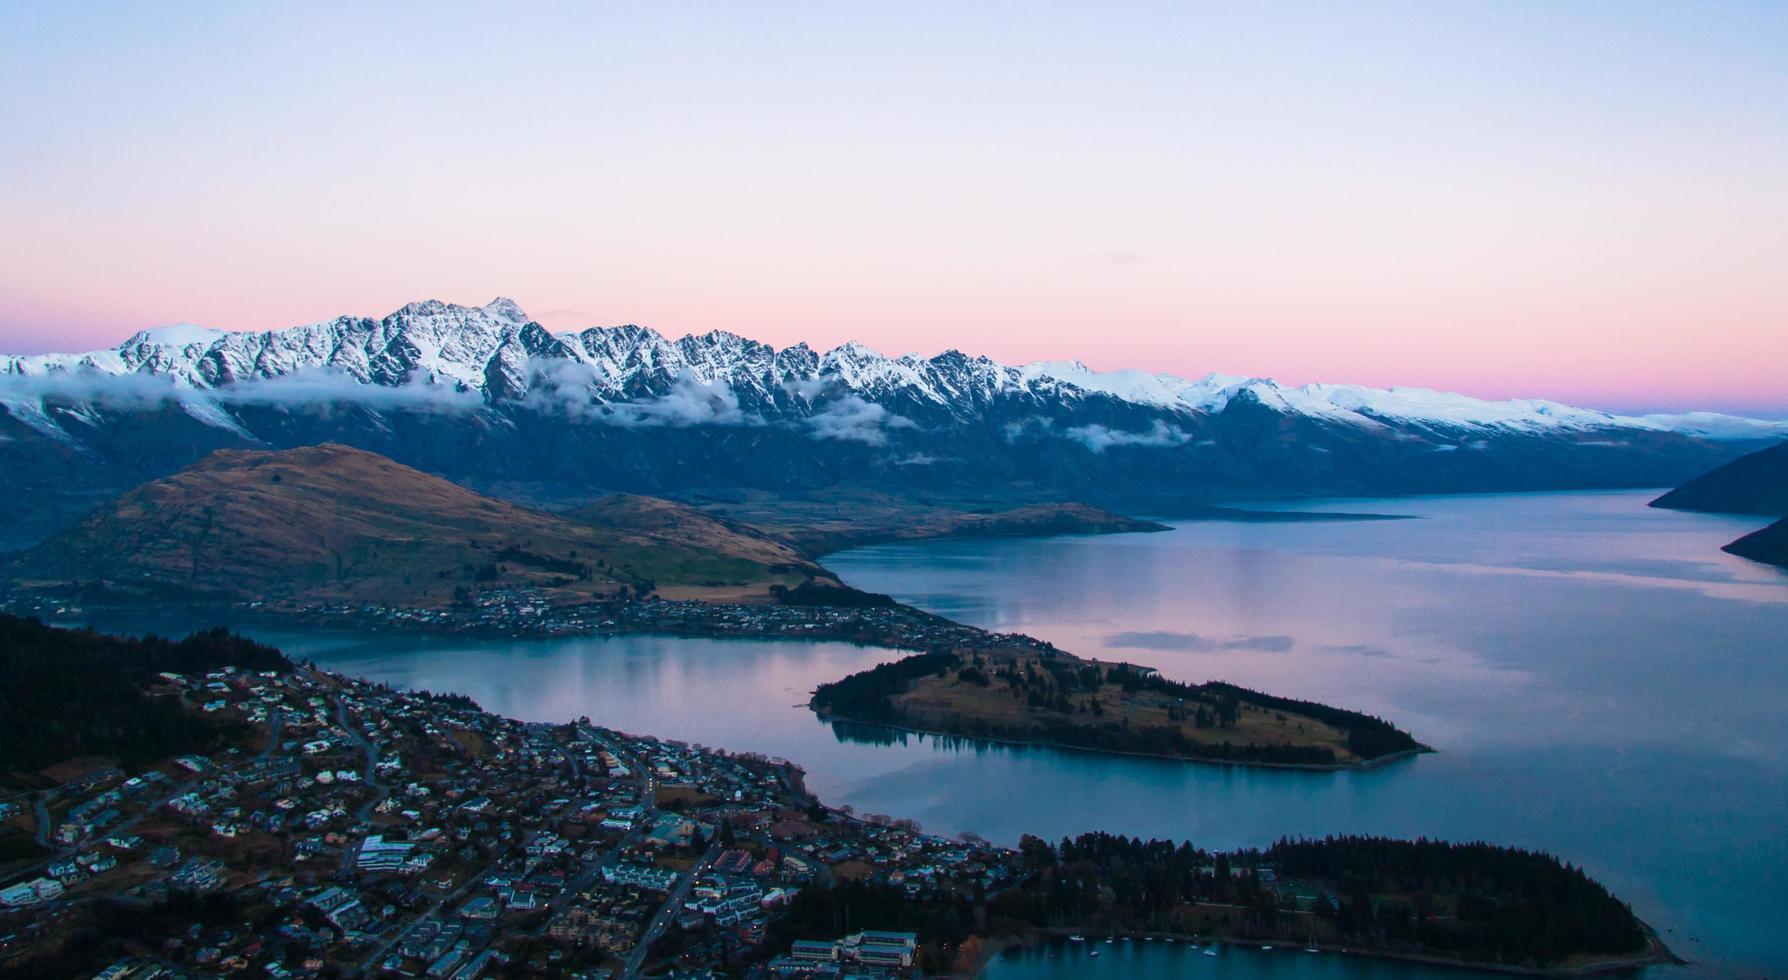 waterlichaam met stad en bergen bij zonsondergang foto